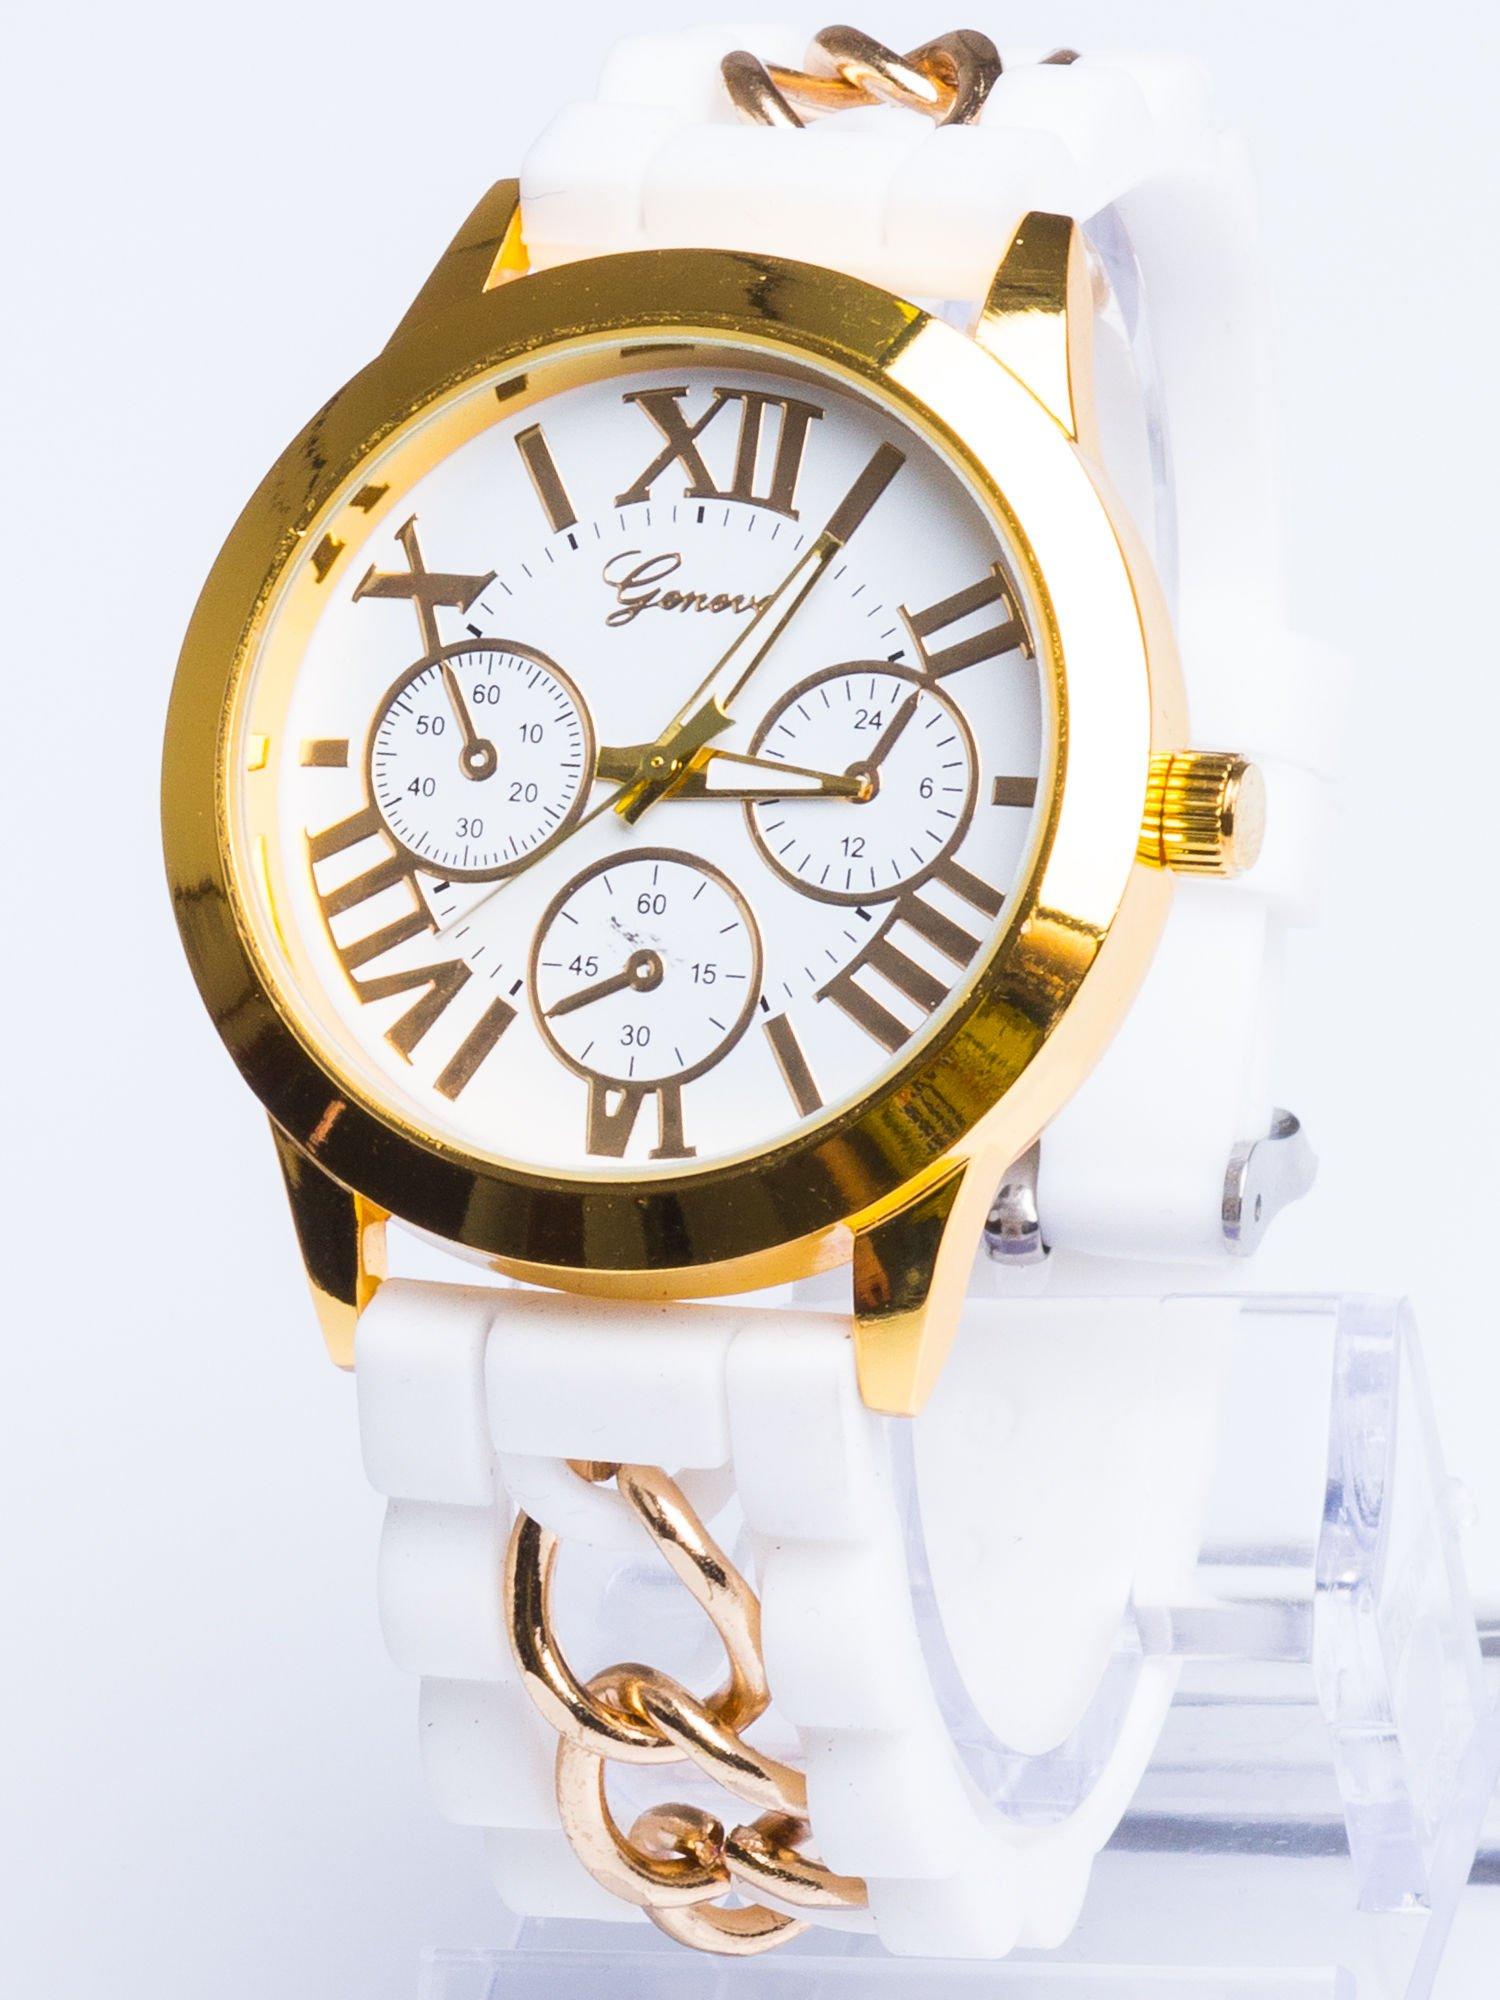 GENEVA Modny biały damski zegarek ze złotym łańcuszkiem na pasku                                  zdj.                                  1